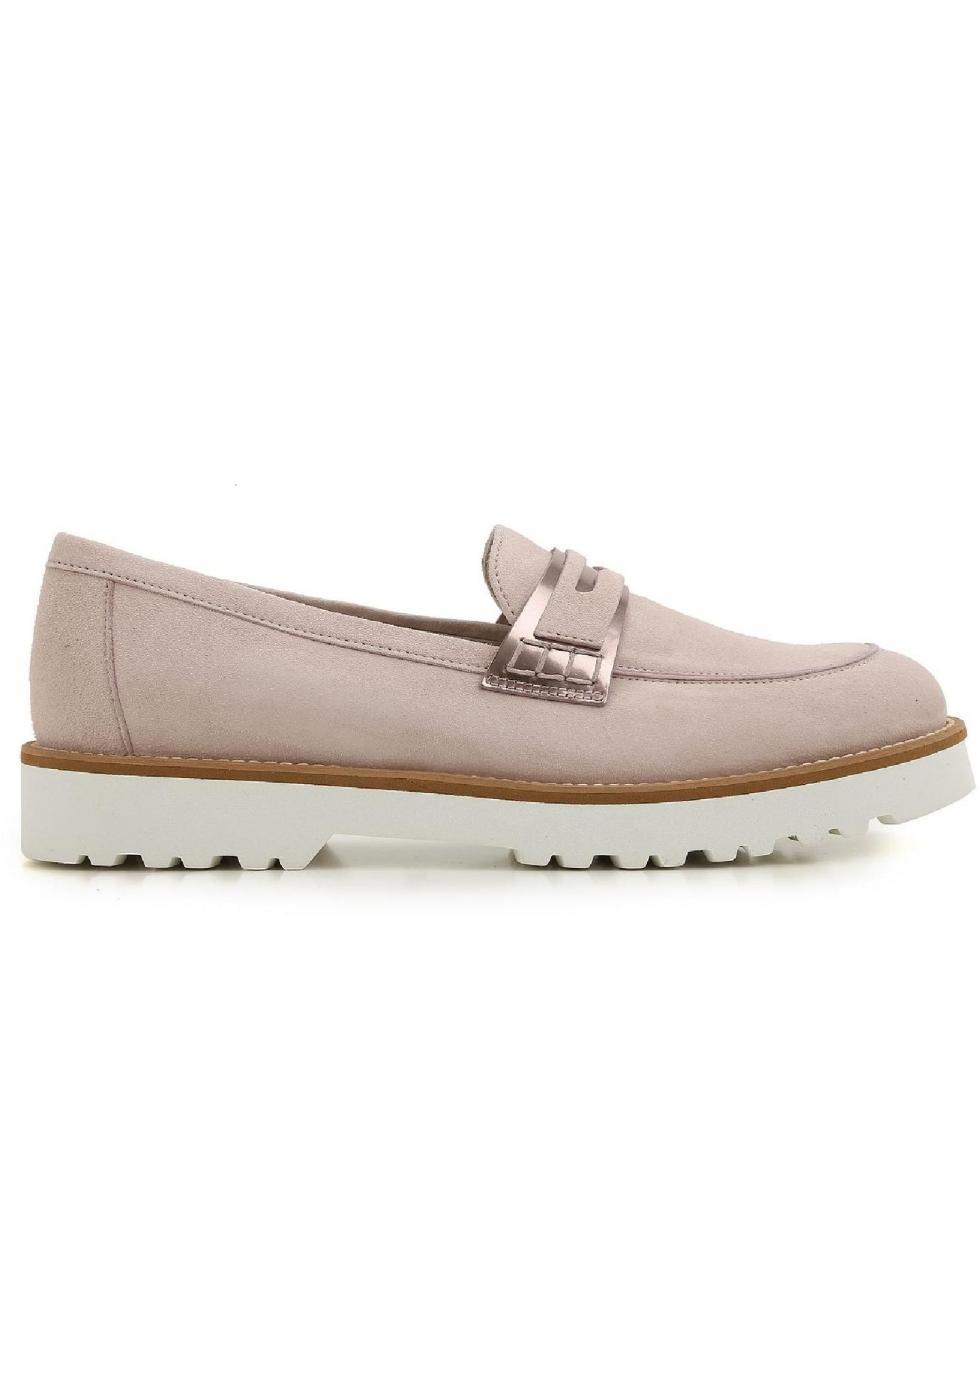 Stella Mccartney Shoes Canada